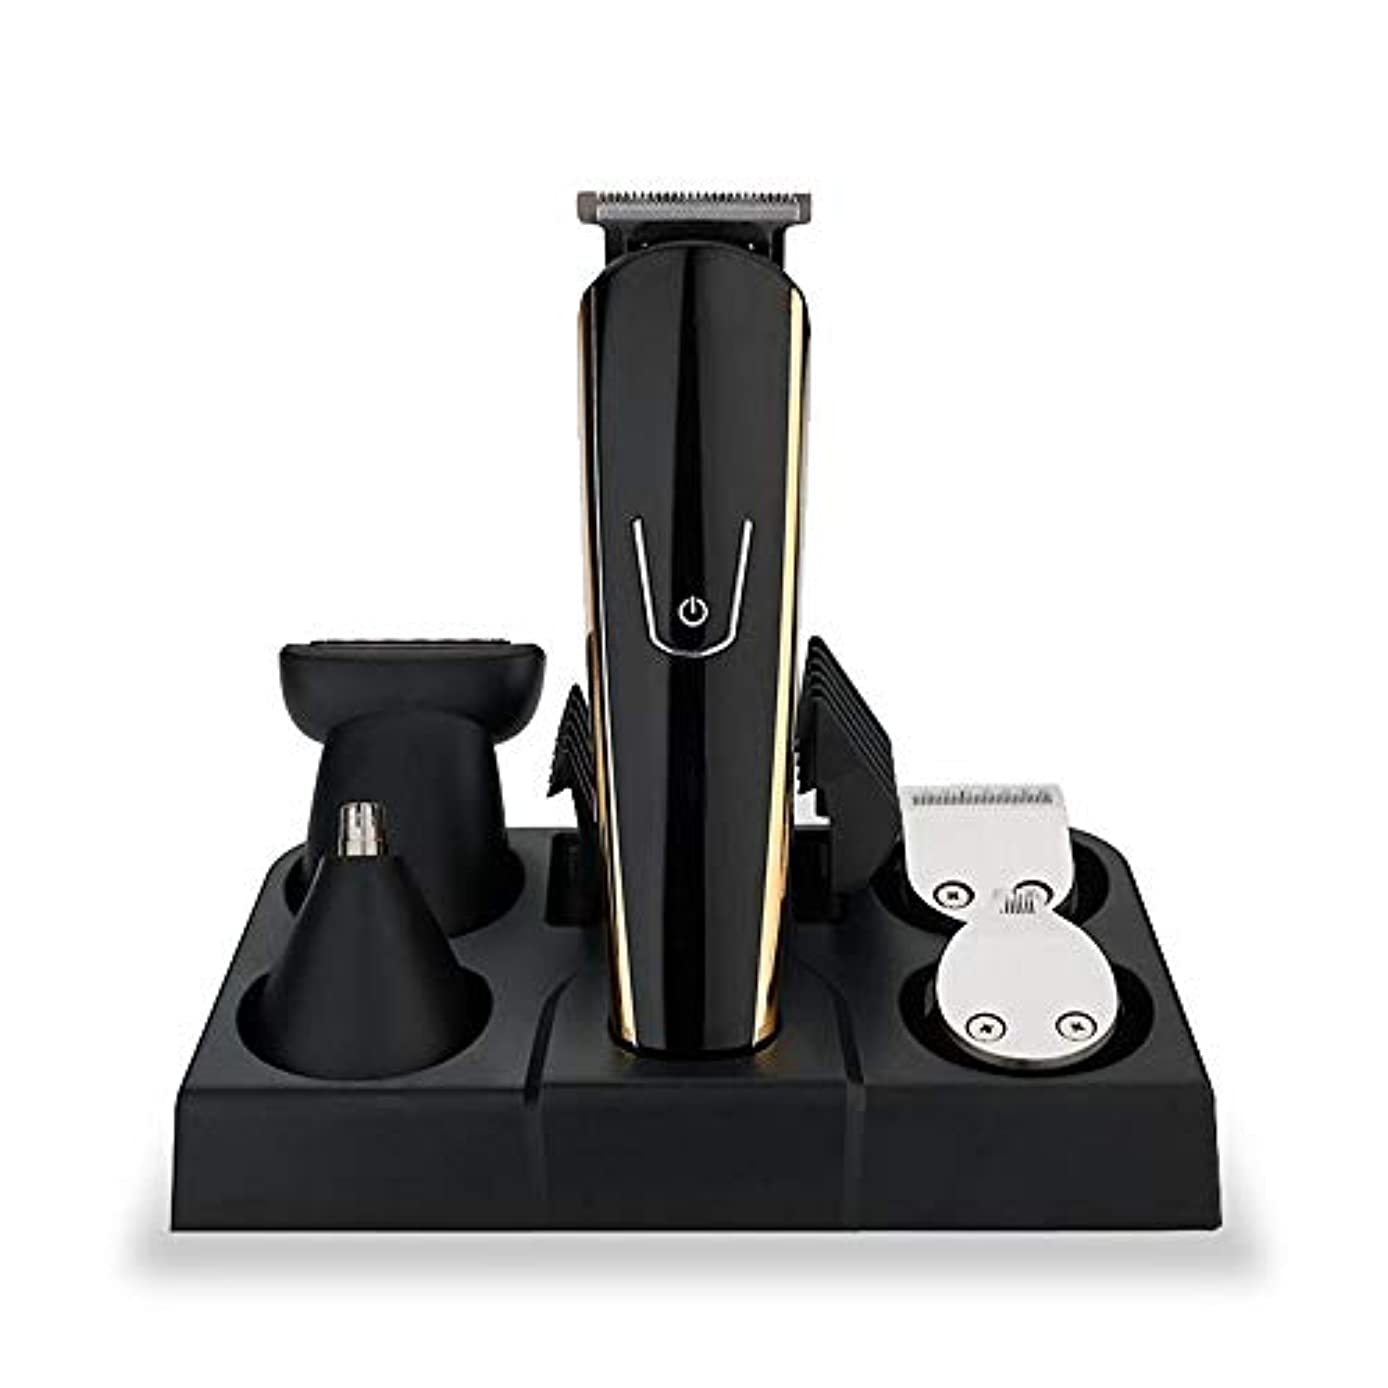 バリカン?ヘアカッター バリカン5 in 1多機能USB充電式クリッパーフェーダーシェービングセット高性能ホームヘアトリマー 家庭用?業務用 (色 : ブラック, サイズ : 3.5*3*16cm)